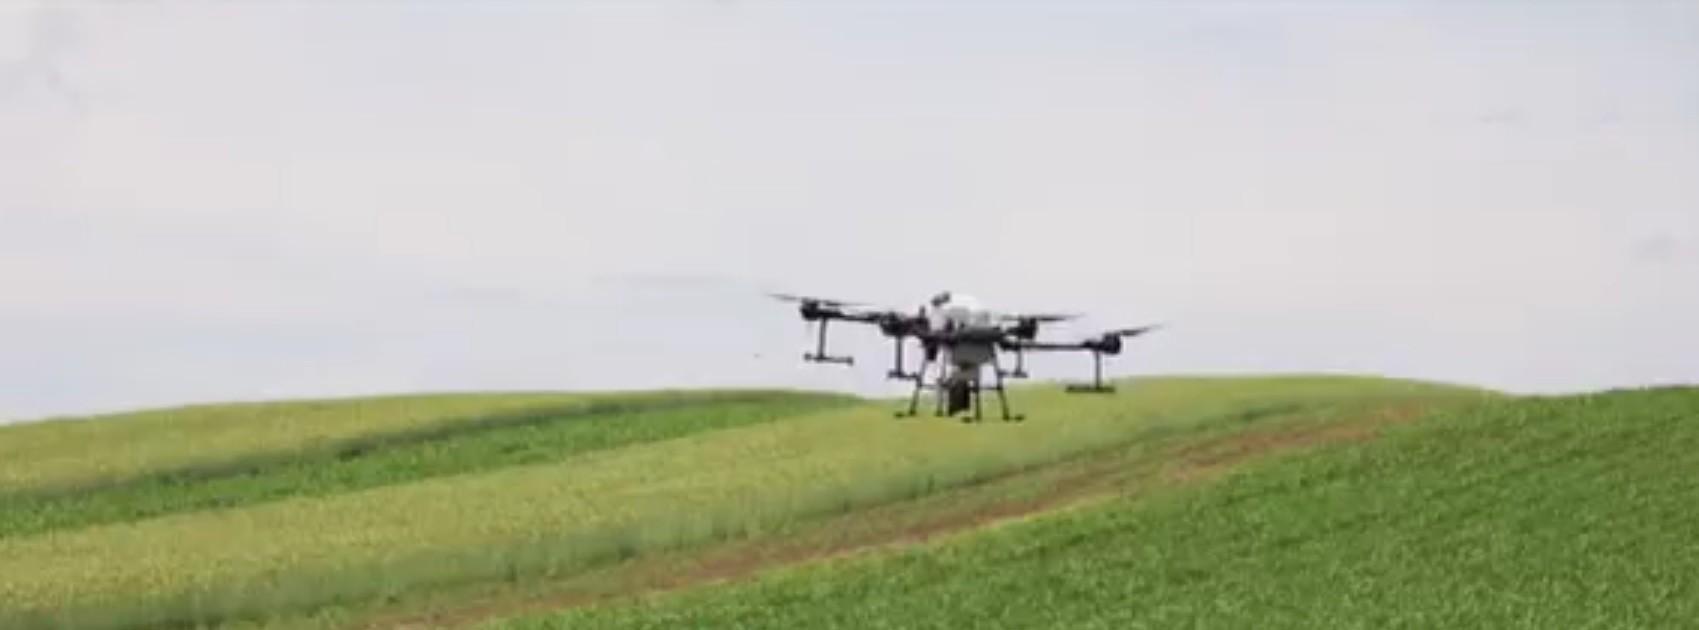 Agricultură hi-tech. Românii îşi lucrează pâmânturile cu ajutorul dronelor